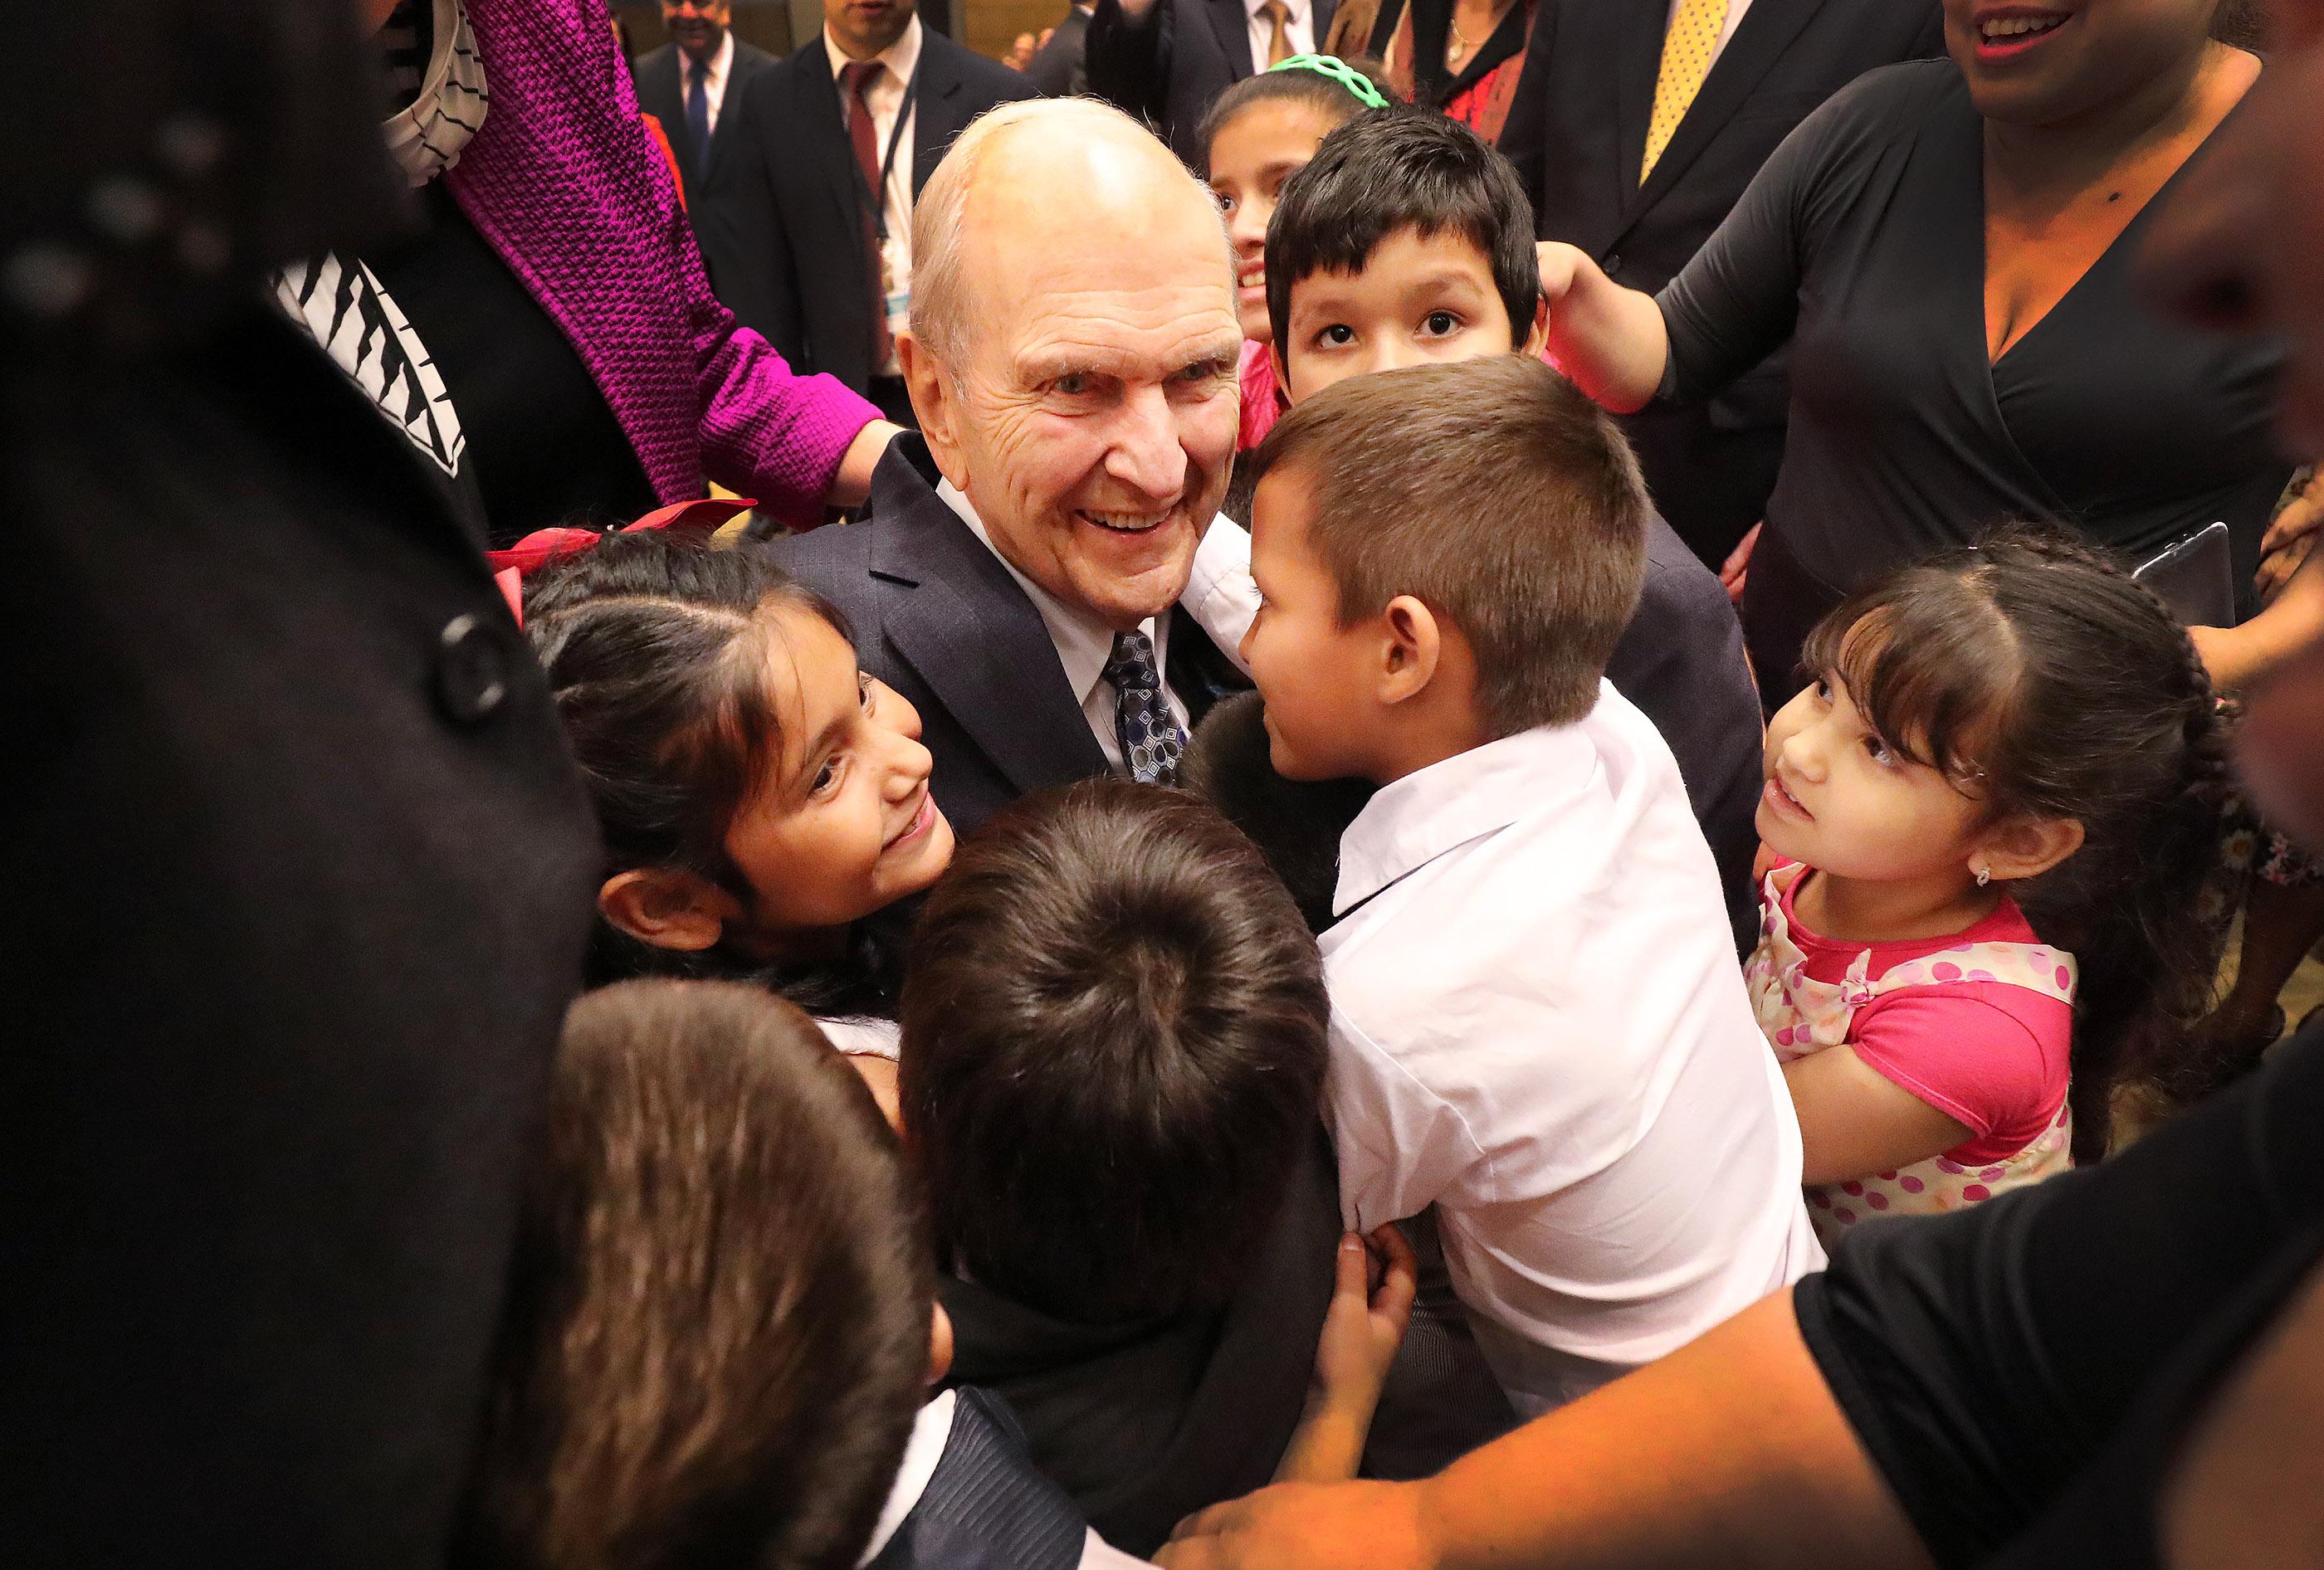 El presidente Russell M. Nelson, de La Iglesia de Jesucristo de los Santos de los Últimos Días, abraza a los niños después de un devocional en Asunción, Paraguay, el lunes 22 de octubre de 2018.